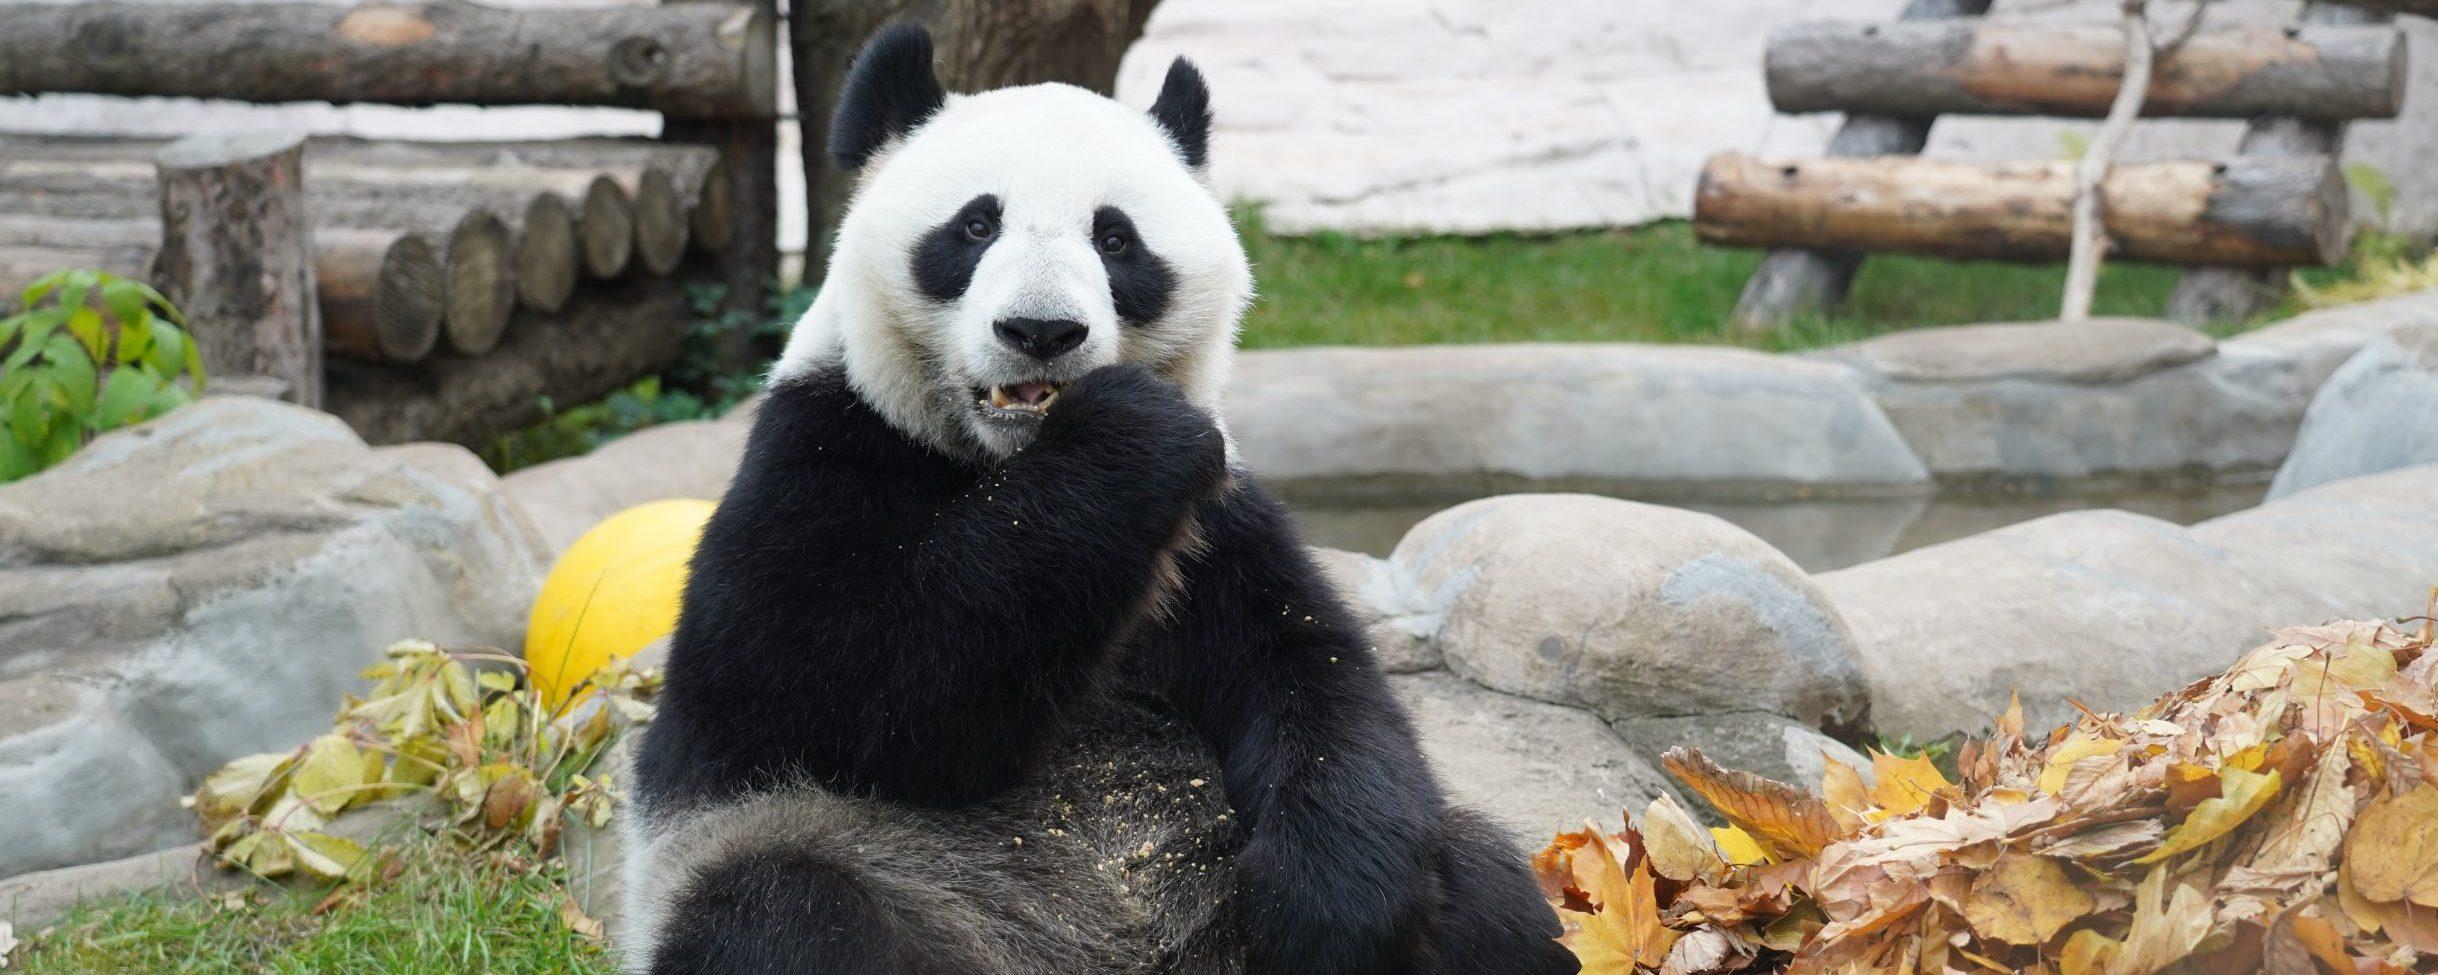 Пандам в Московском зоопарке устроили осеннюю фотоссесию. Фото предоставили в пресс-службе Московского зоопарка